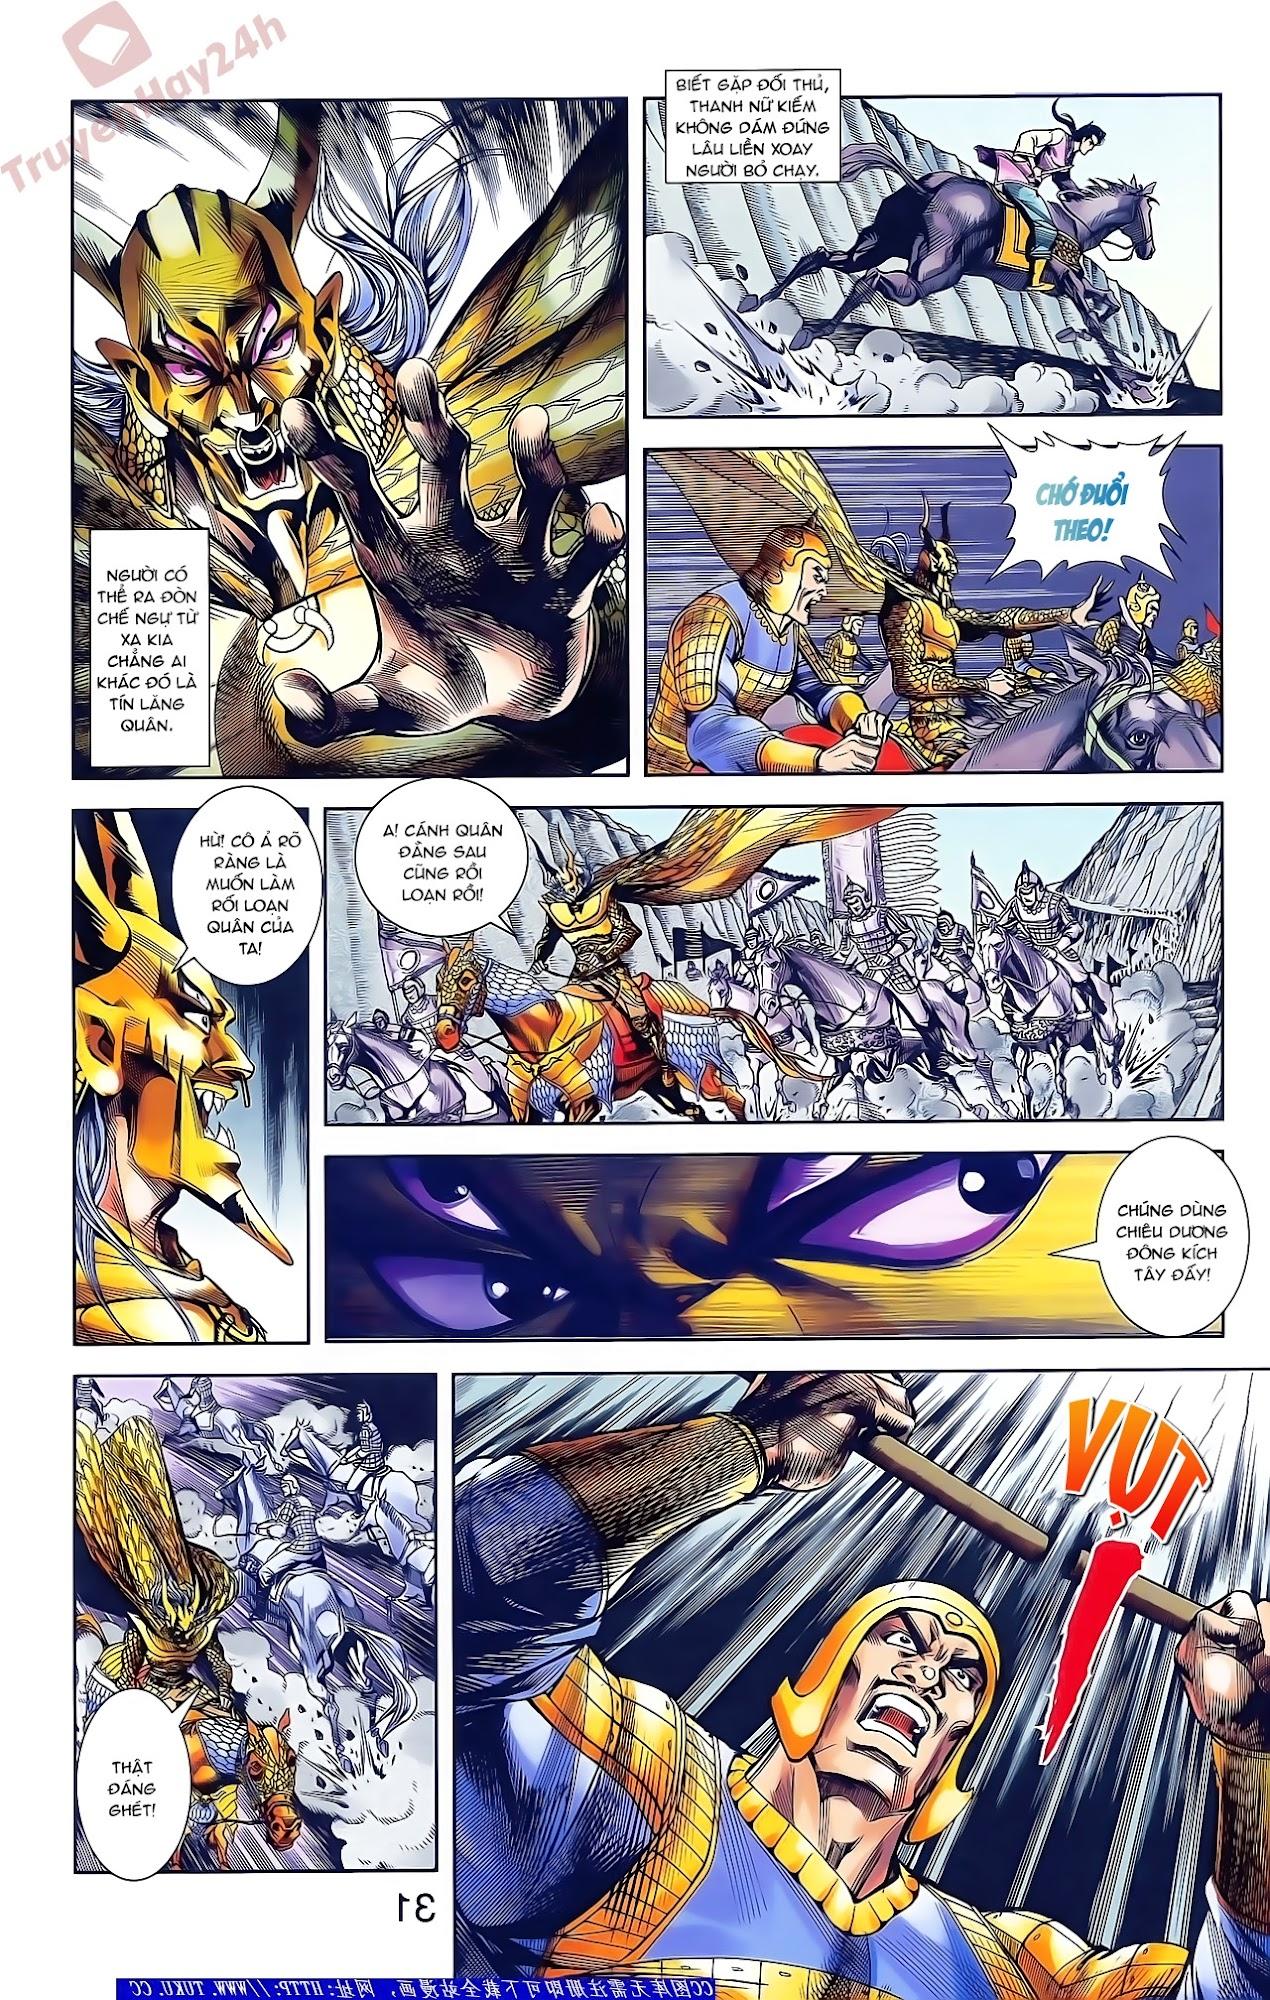 Tần Vương Doanh Chính chapter 48 trang 17